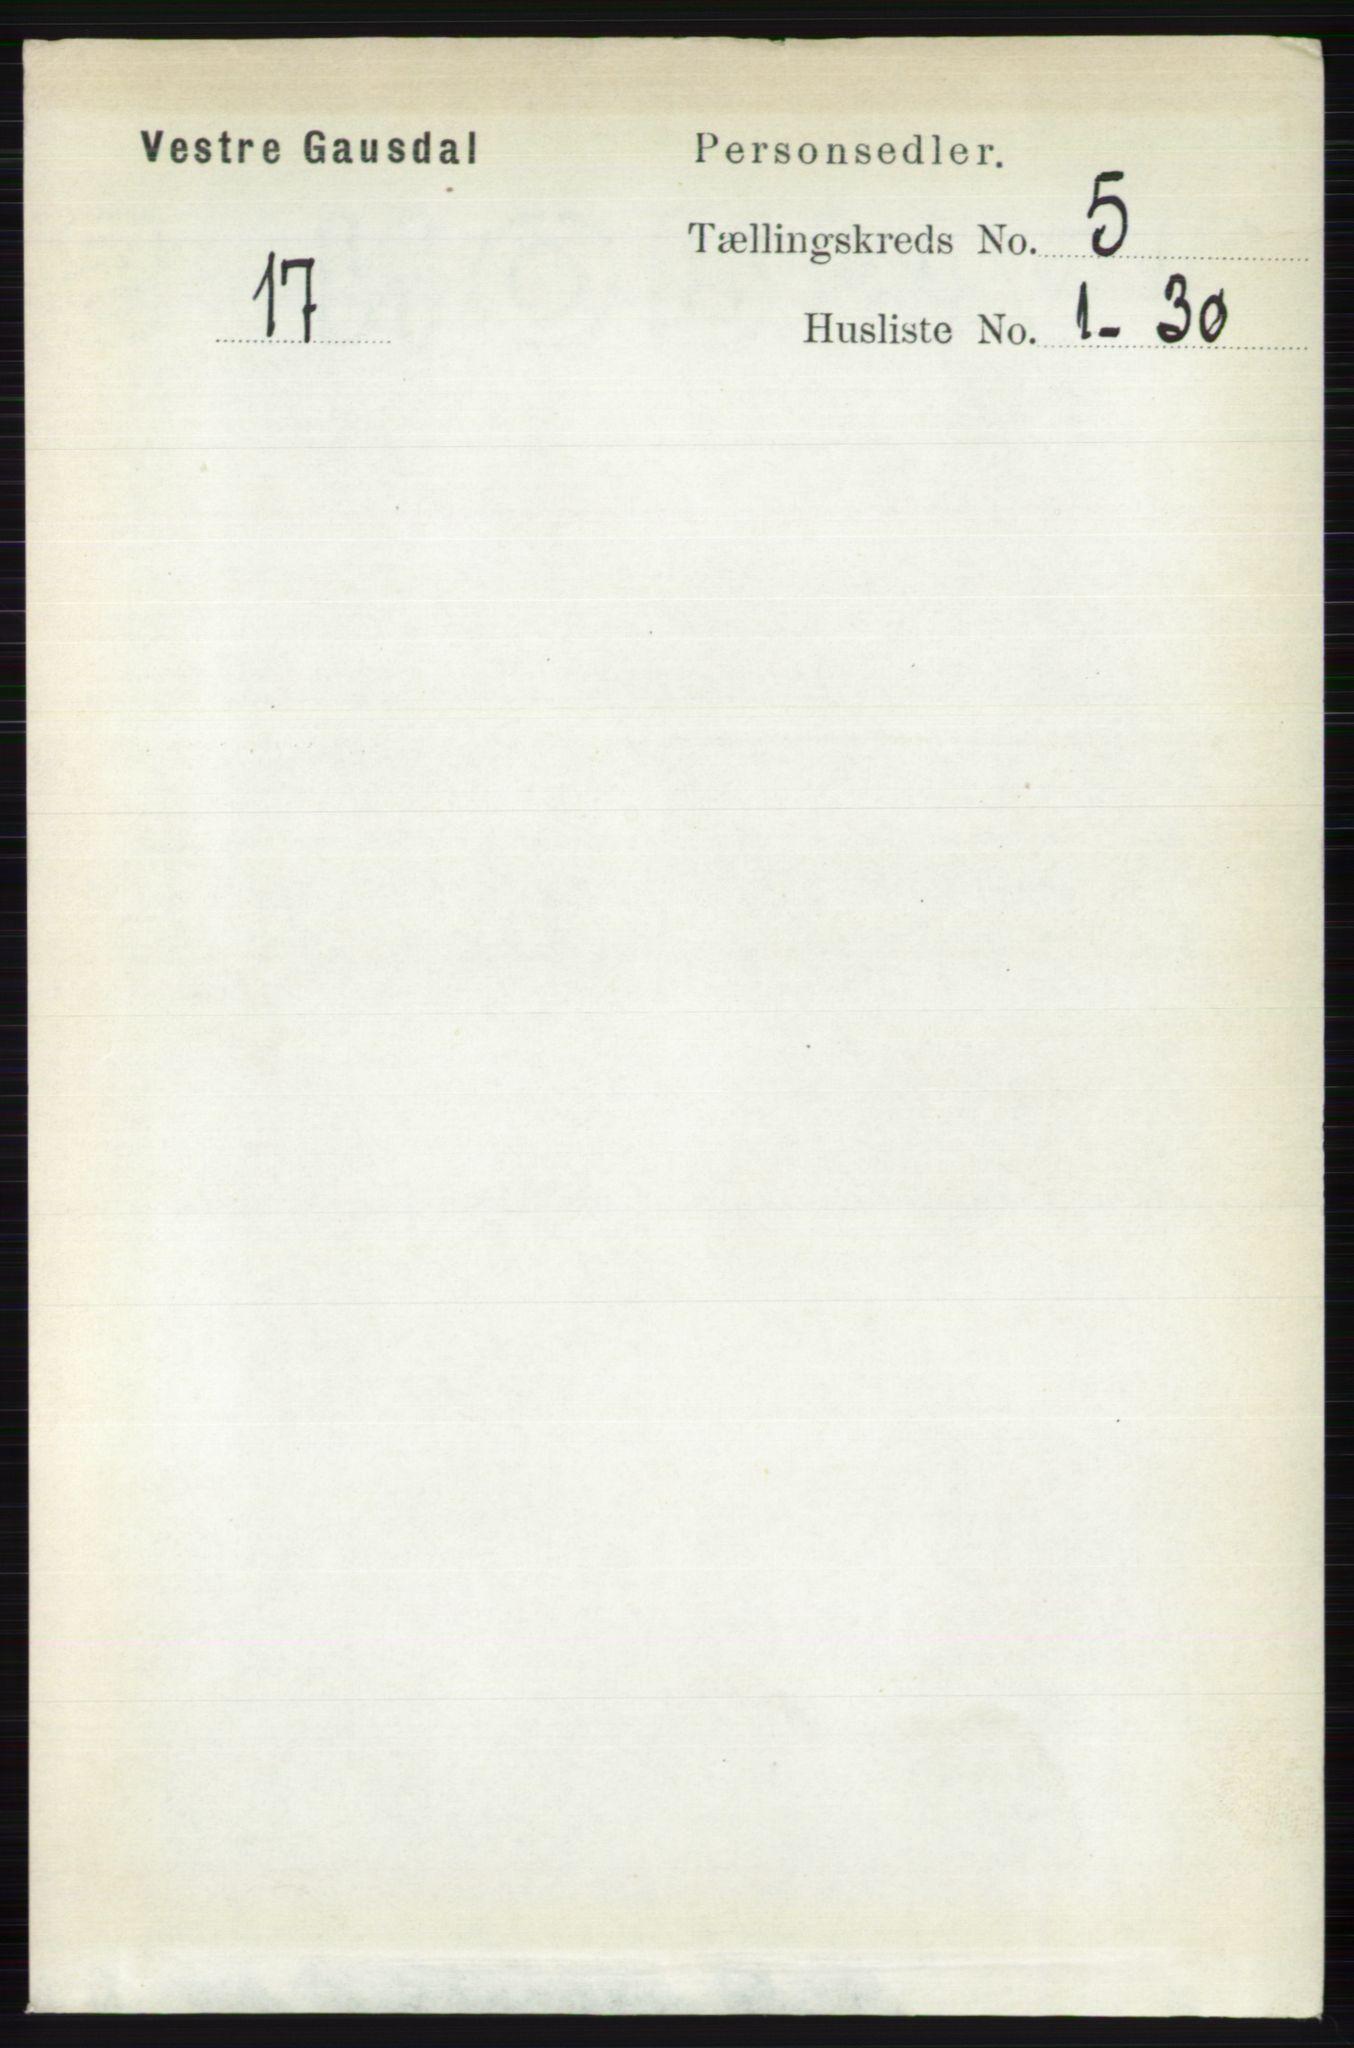 RA, Folketelling 1891 for 0523 Vestre Gausdal herred, 1891, s. 2172